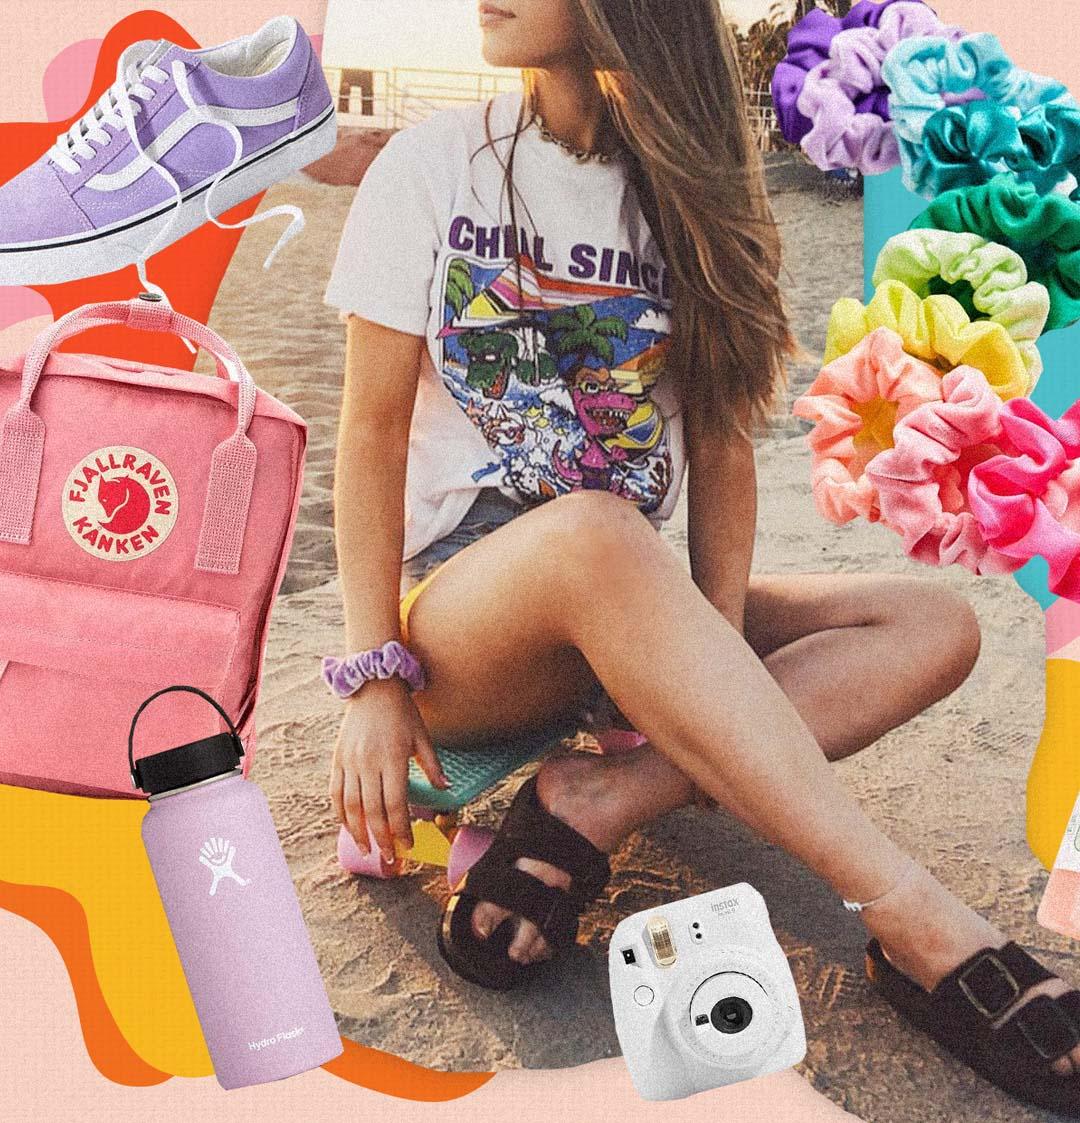 VSCO Girl Starter Pack: How to become a VSCO girl?